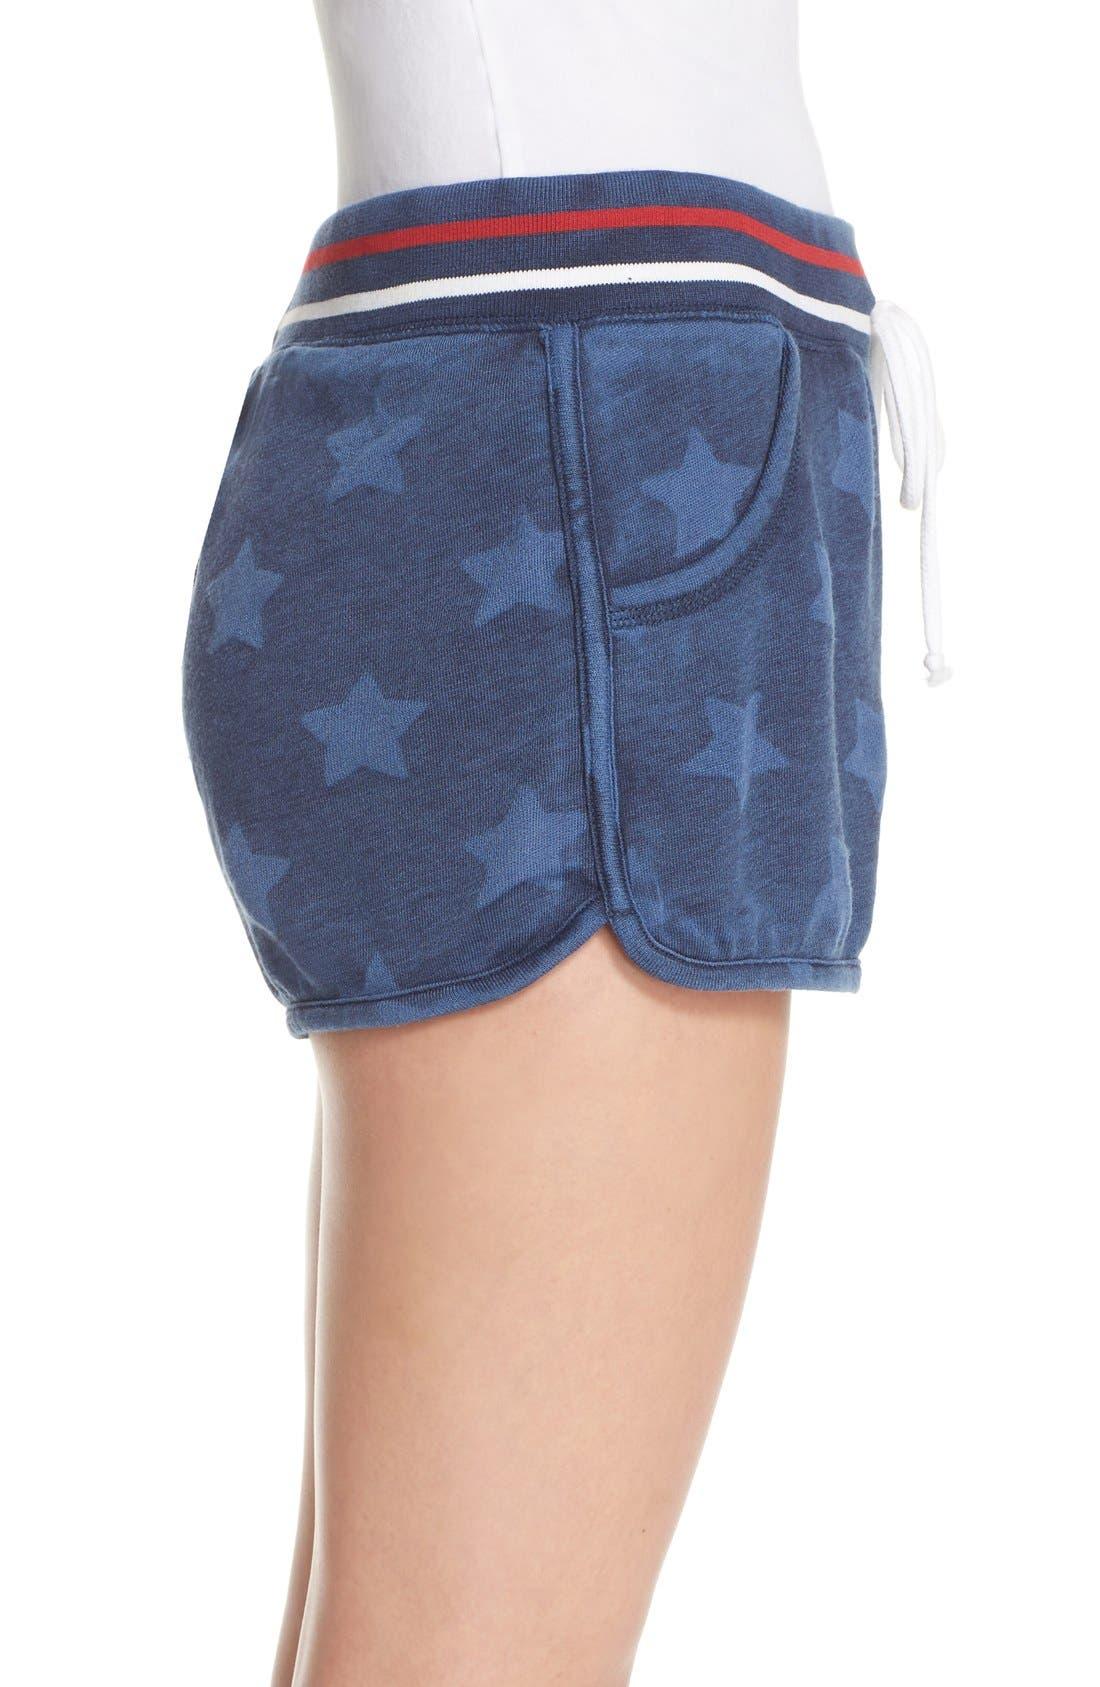 Alternate Image 3  - PJ Salvage 'Road Trip' Star Print Pajama Shorts